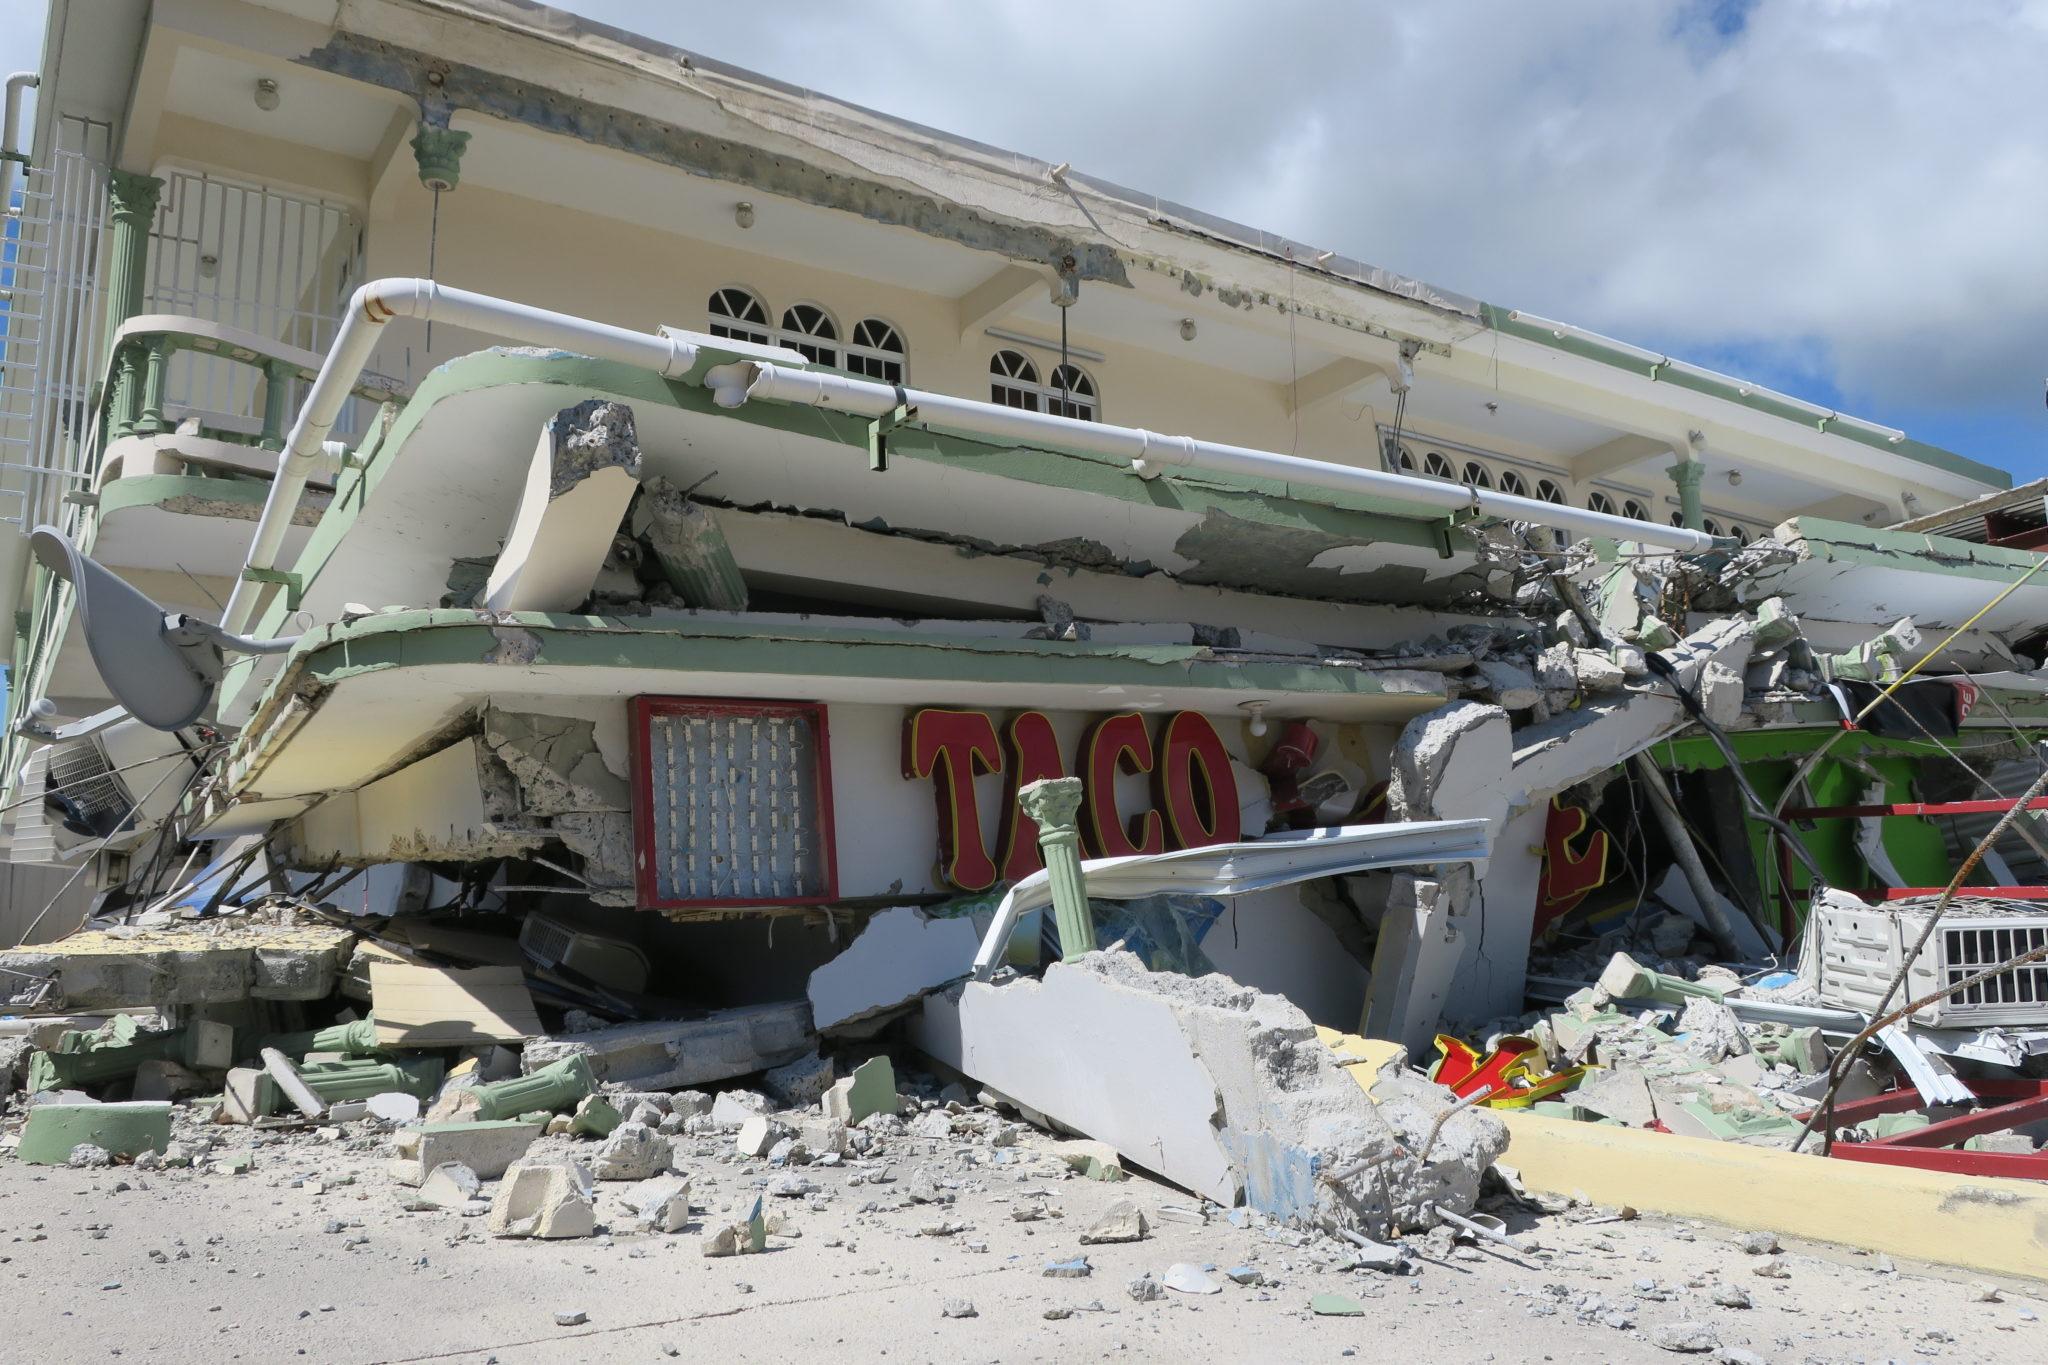 Trzęsienie ziemi w Puerto Rico. fot. EPA/Jorge Muniz